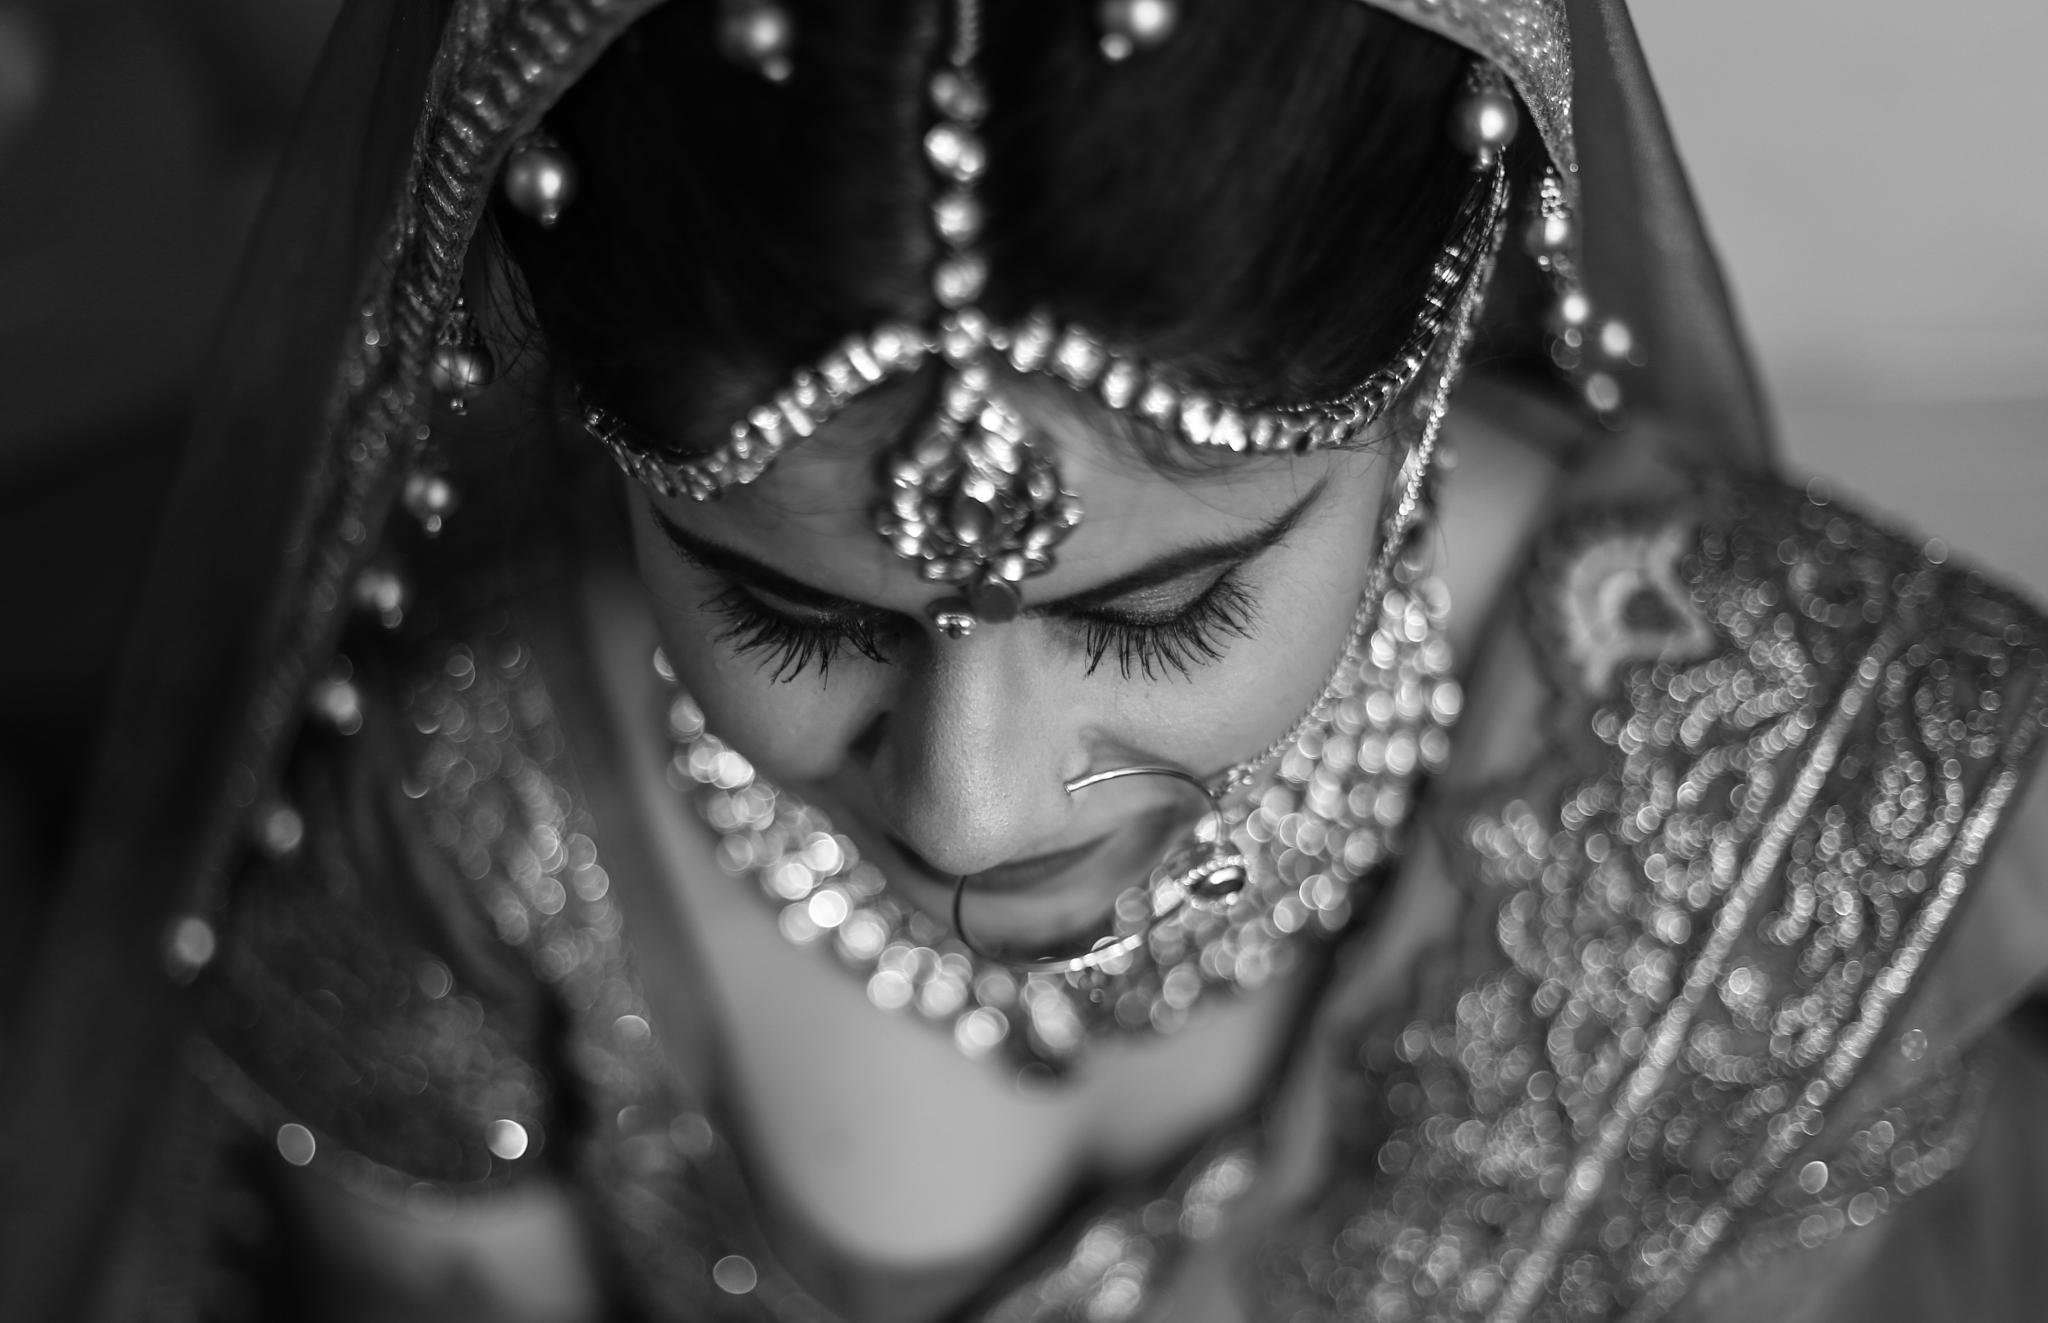 Untitled by Amit Batra